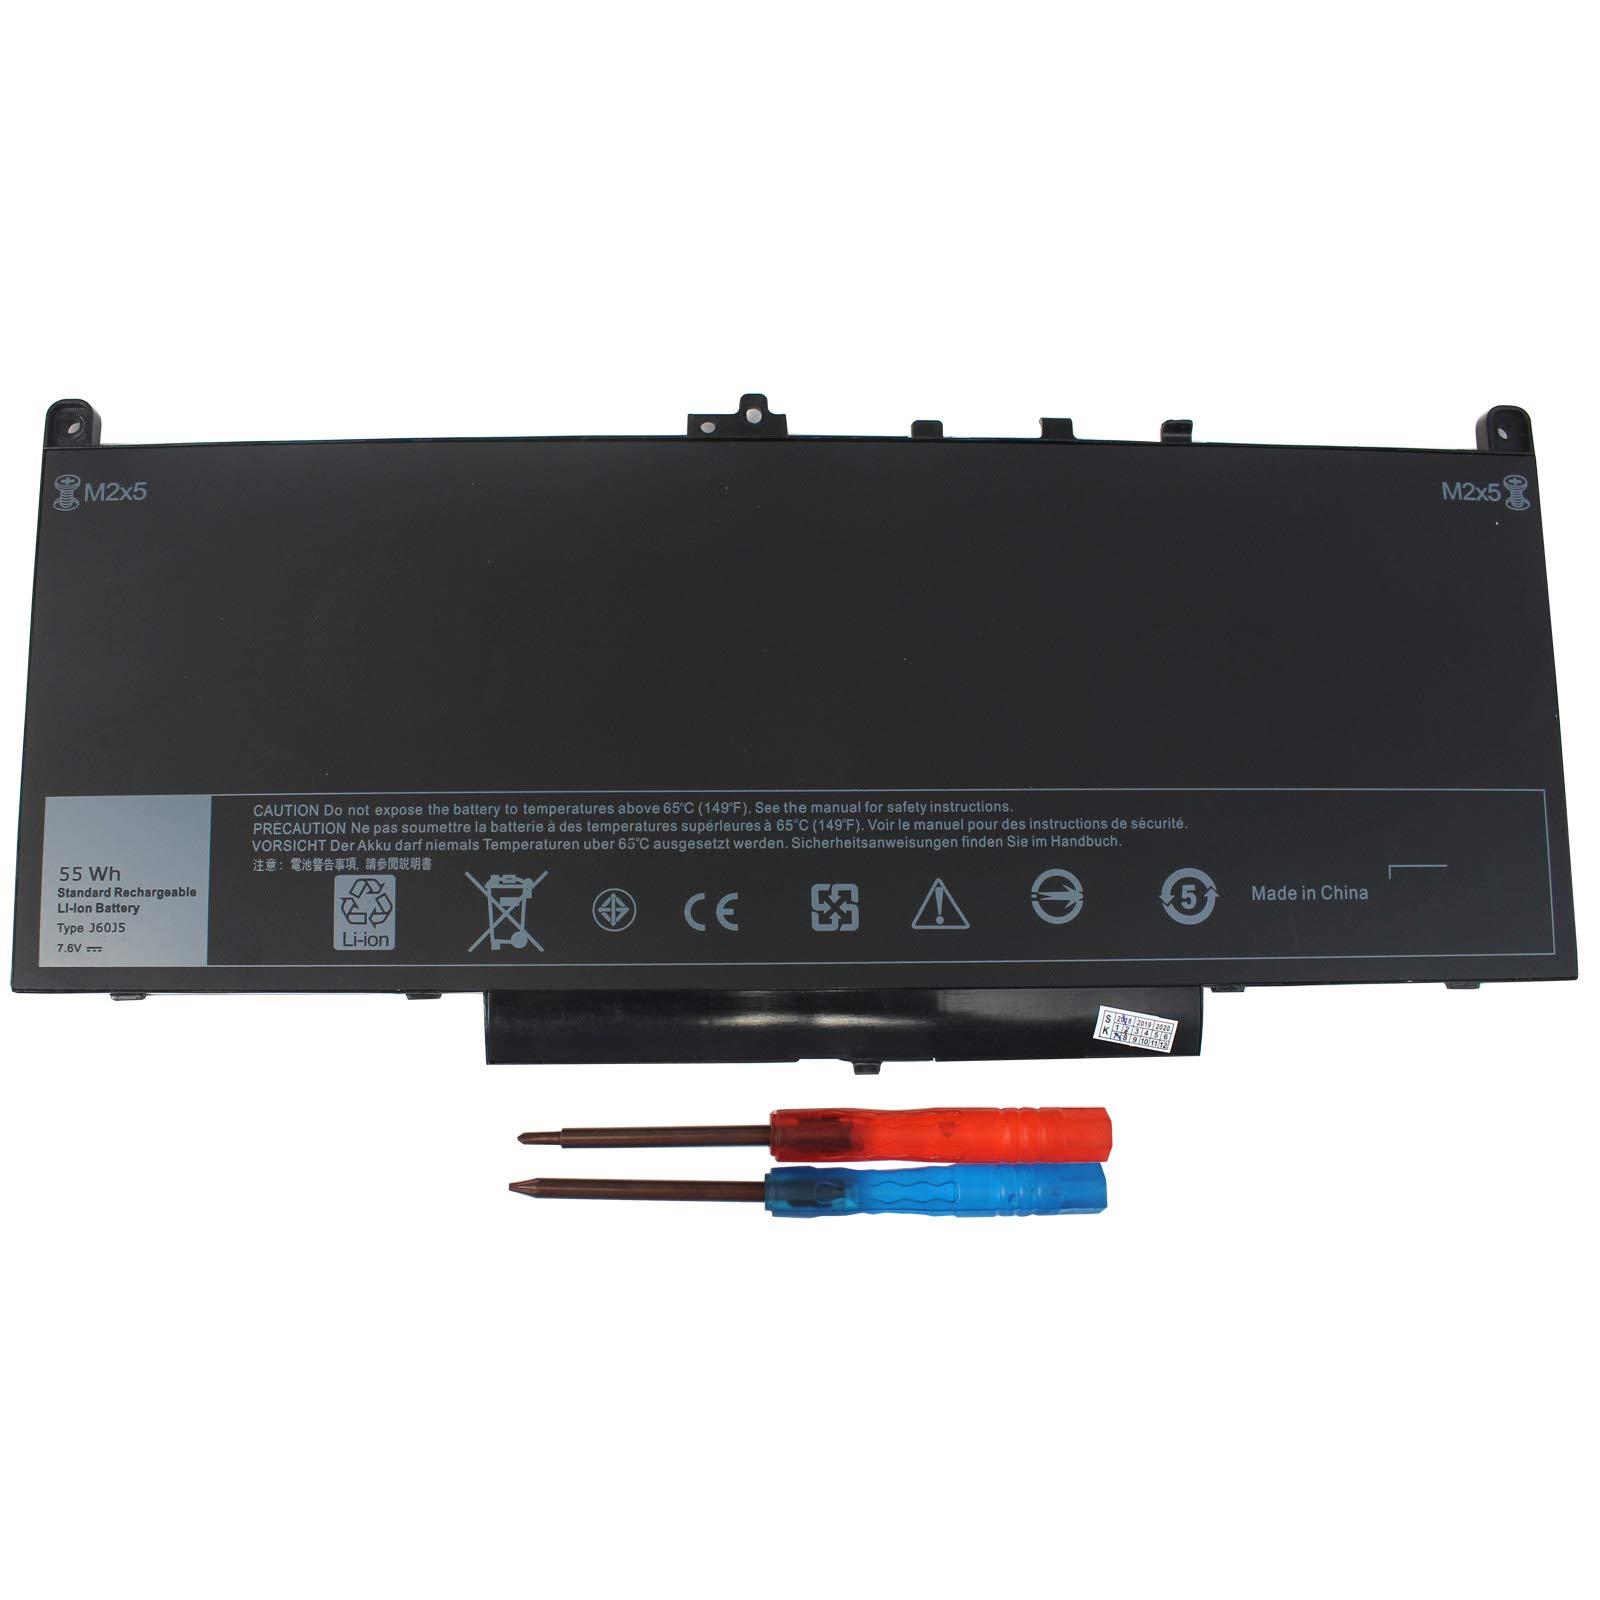 Bateria J60j5 Para Dell Latitude E7270 E7470 Series 7.6v 55wh